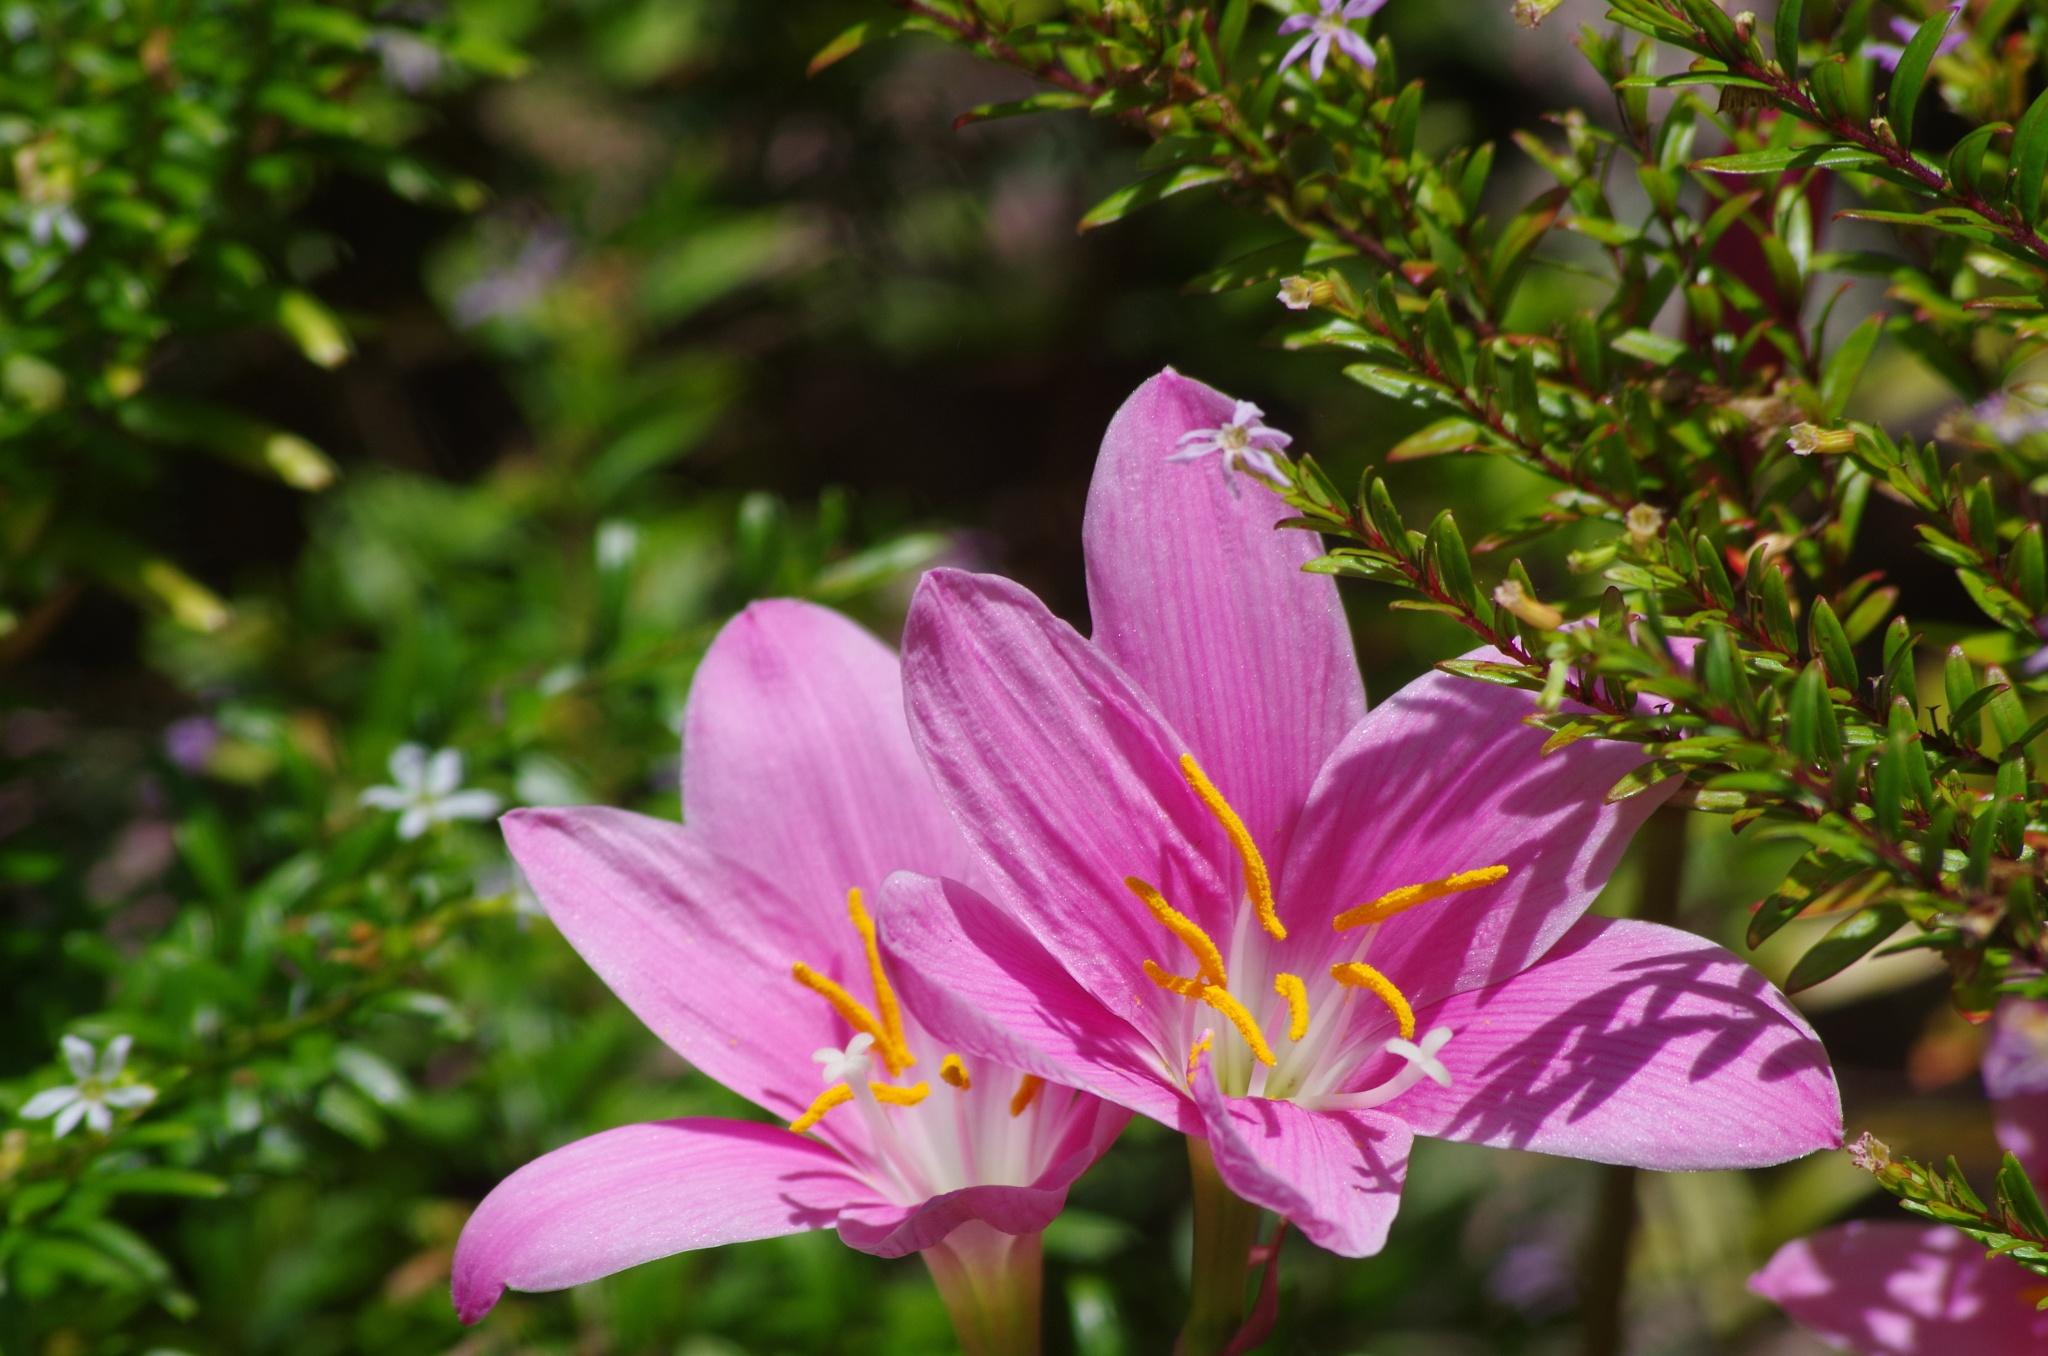 pretty in pink lilly by koala55